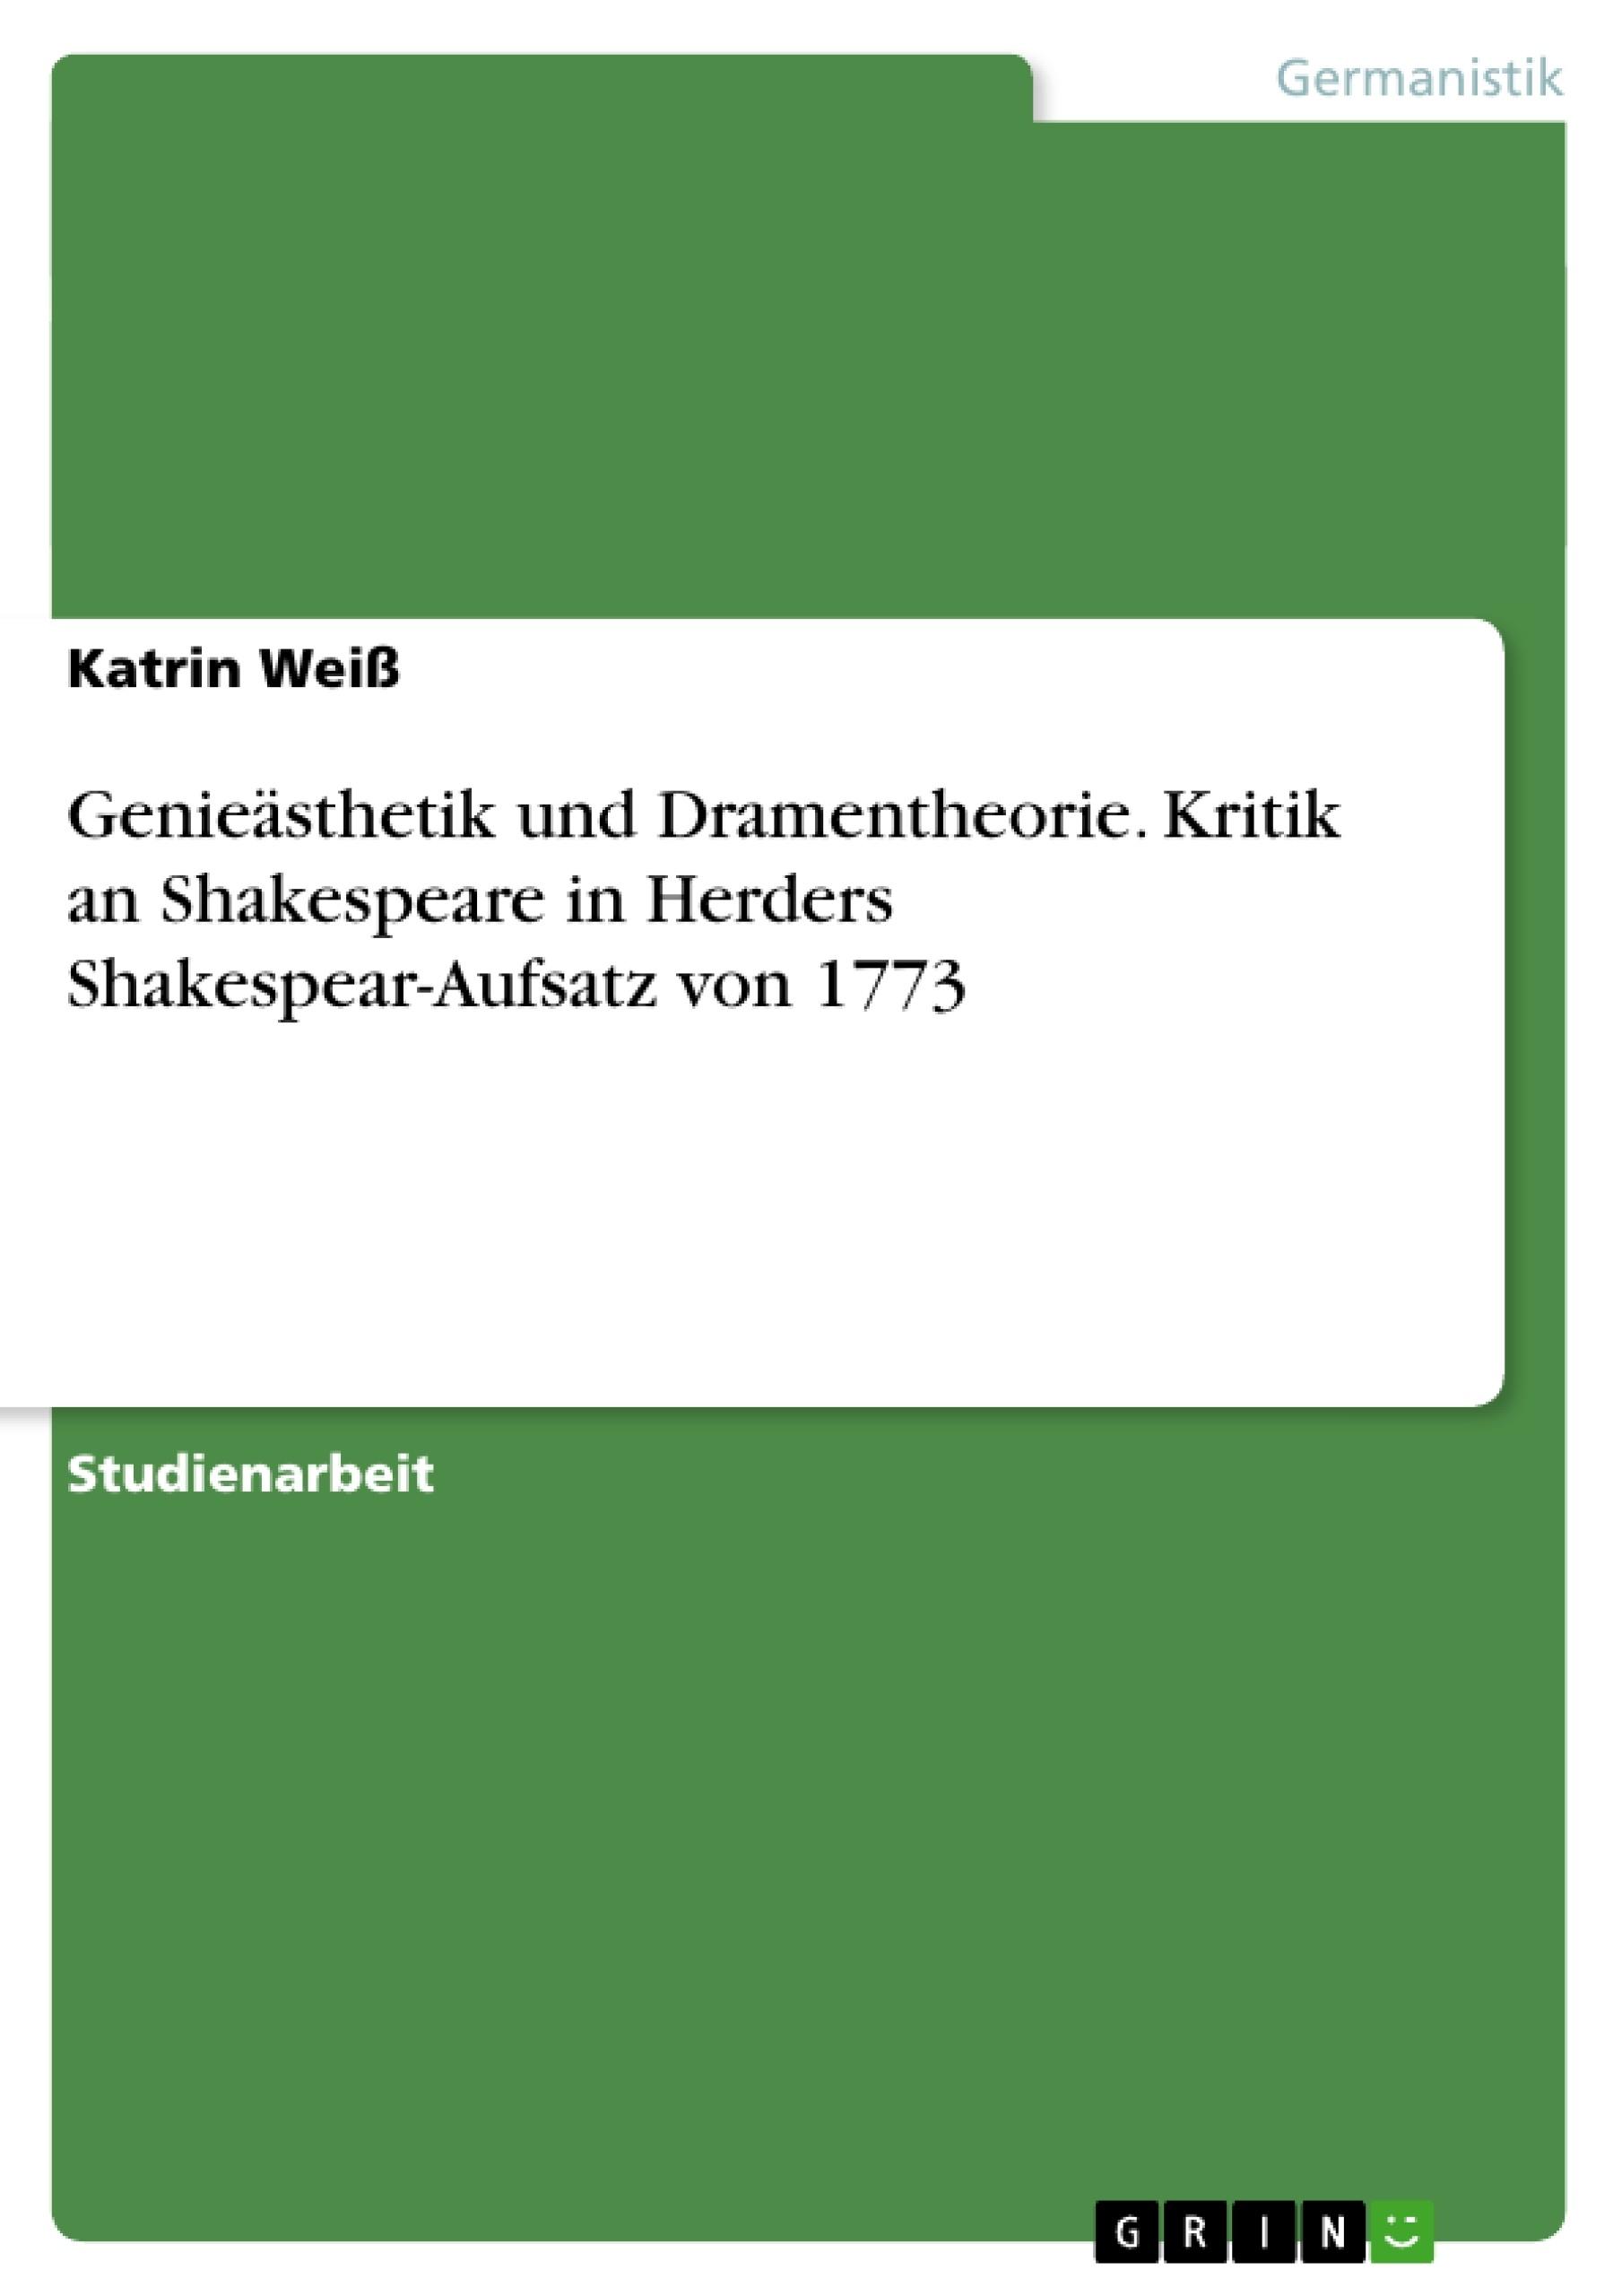 Titel: Genieästhetik und Dramentheorie. Kritik an Shakespeare in Herders Shakespear-Aufsatz von 1773